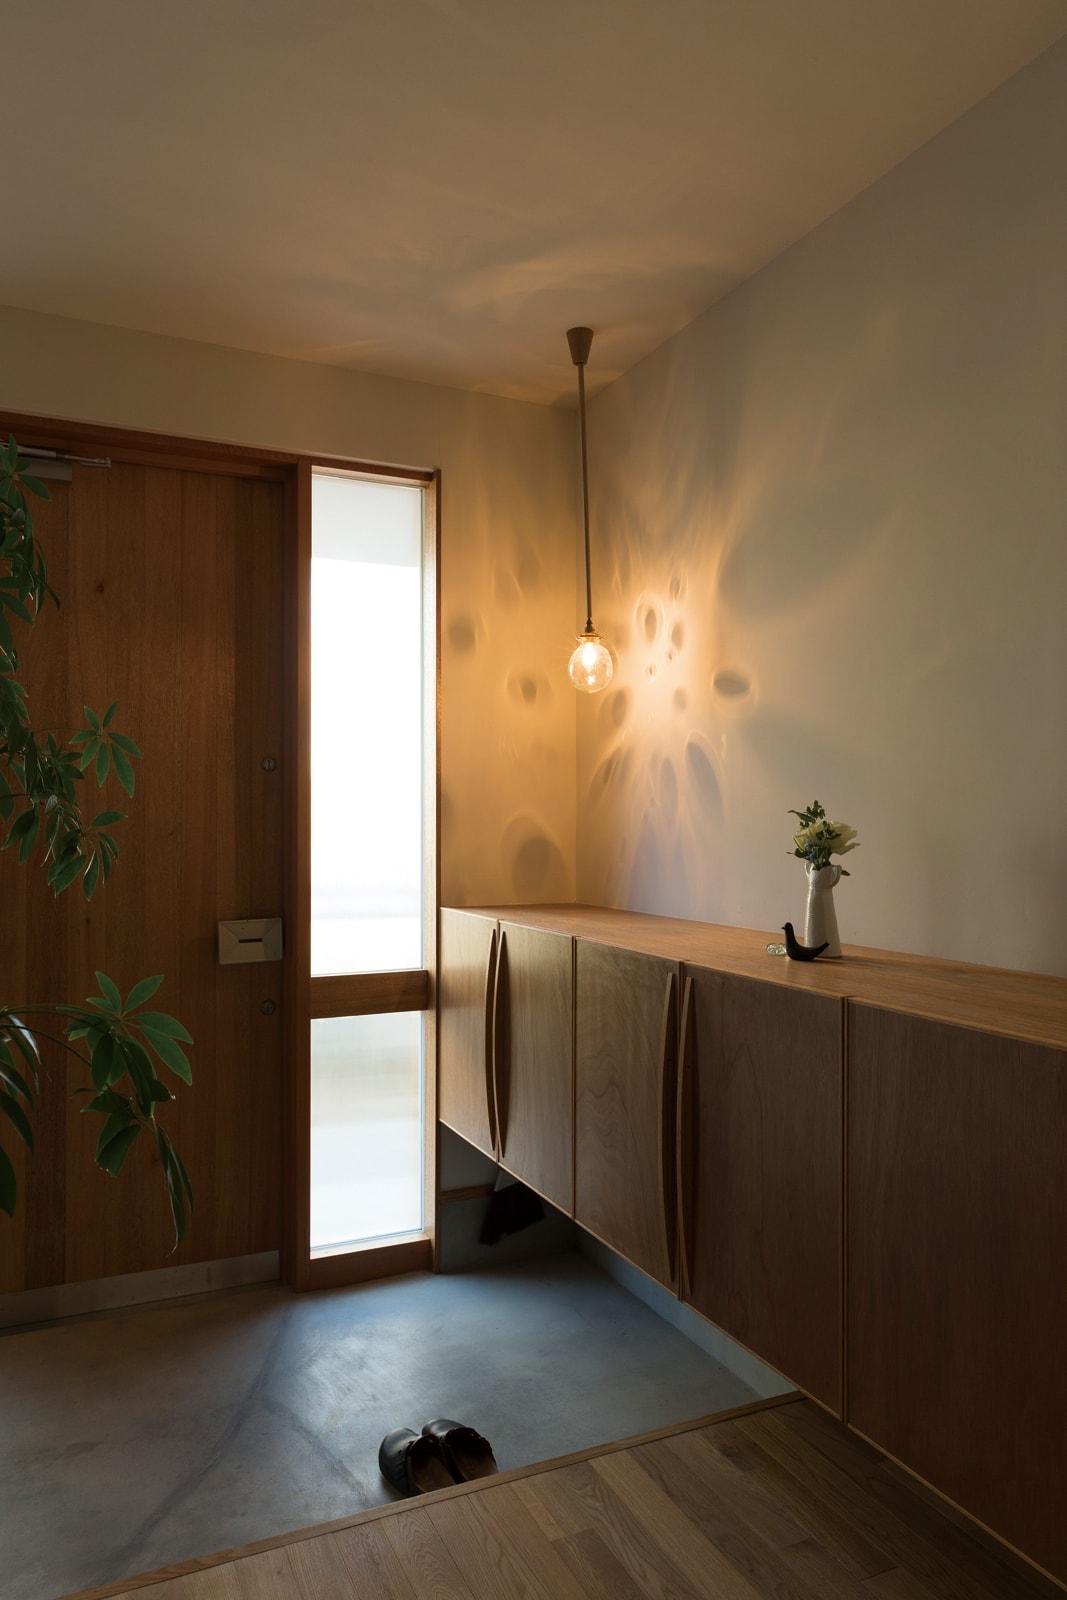 玄関まわりは北欧テイストに。造作の収納は下部を空けて、高さのある傘やベビーカーも収納できるよう配慮されている